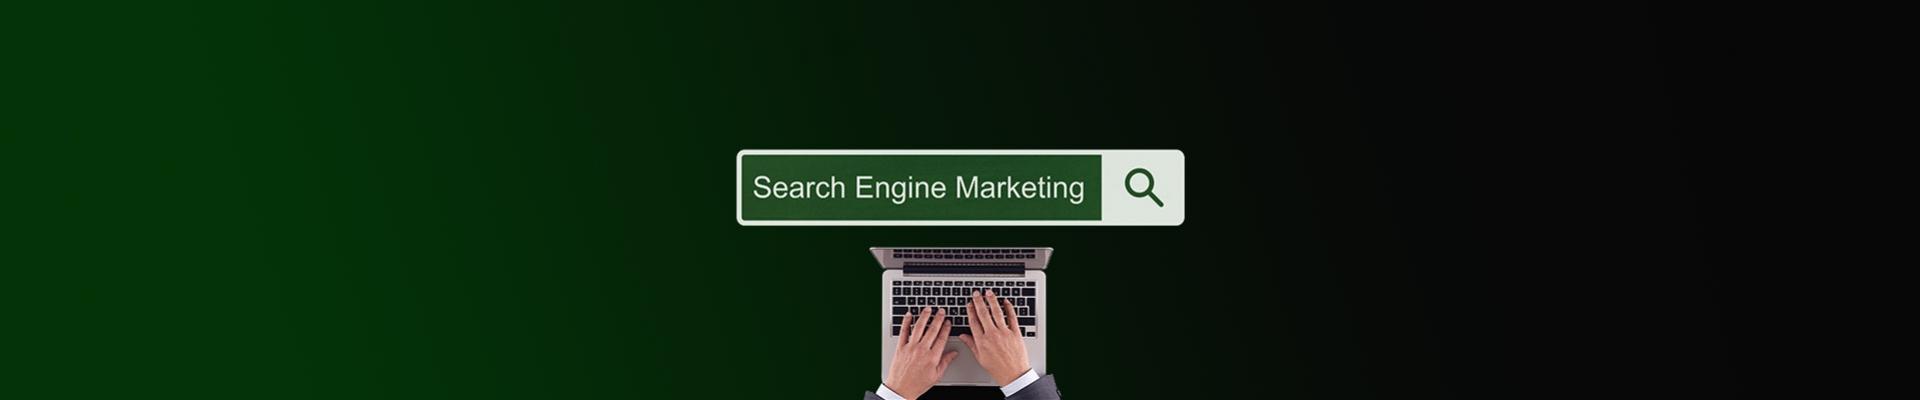 sem-comparison-search